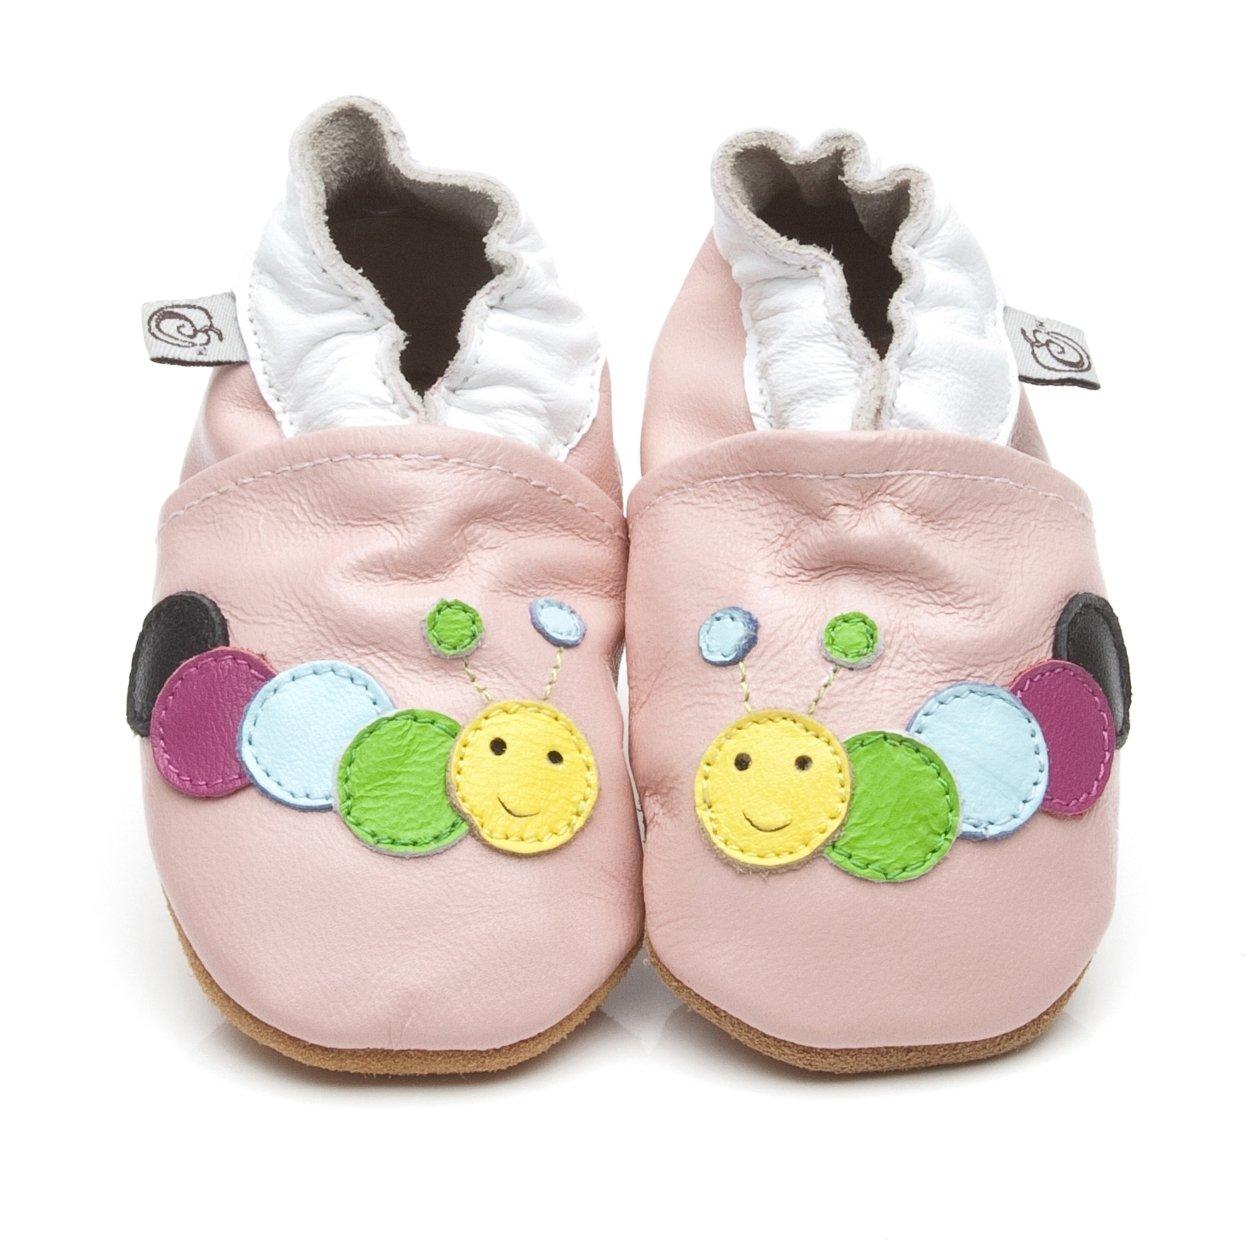 Chaussons Bébé en cuir doux - Chenille Rose - 18/24 mois Cherry Kids